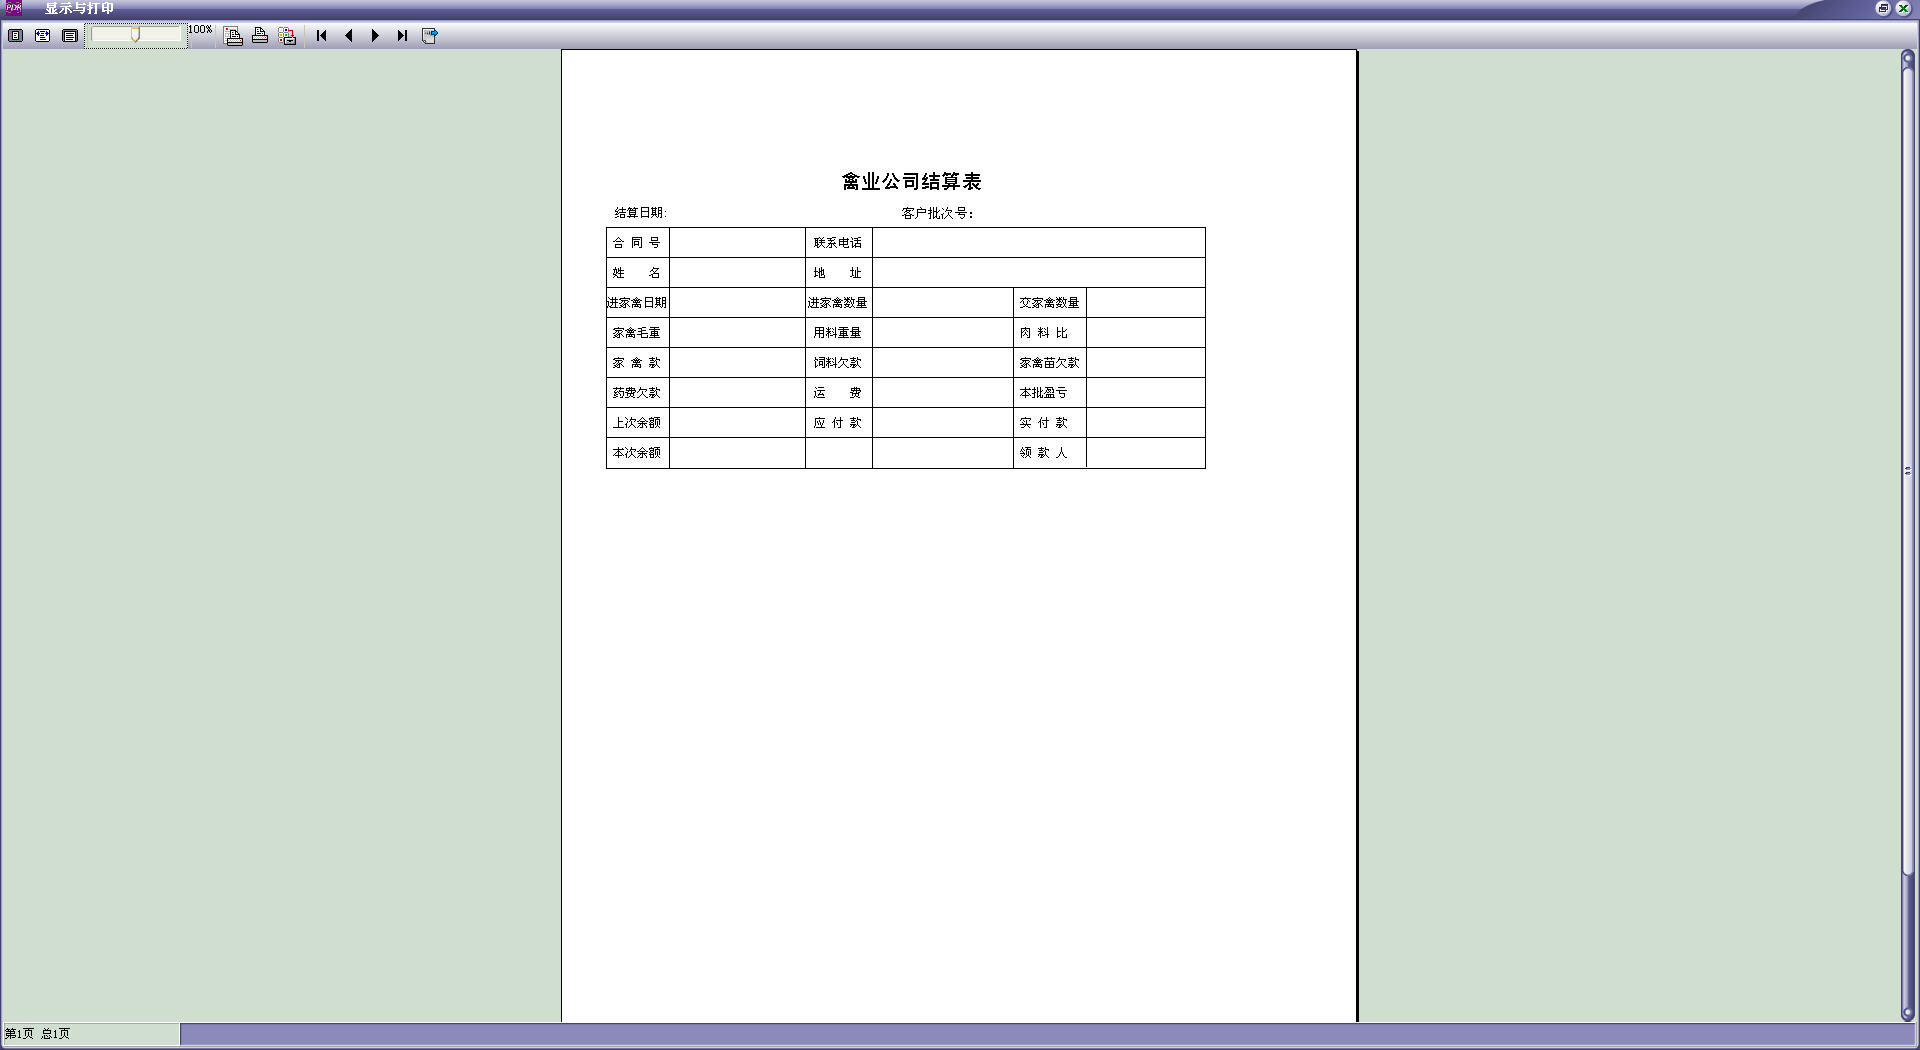 畜牧业养殖公司管理系统V3.0